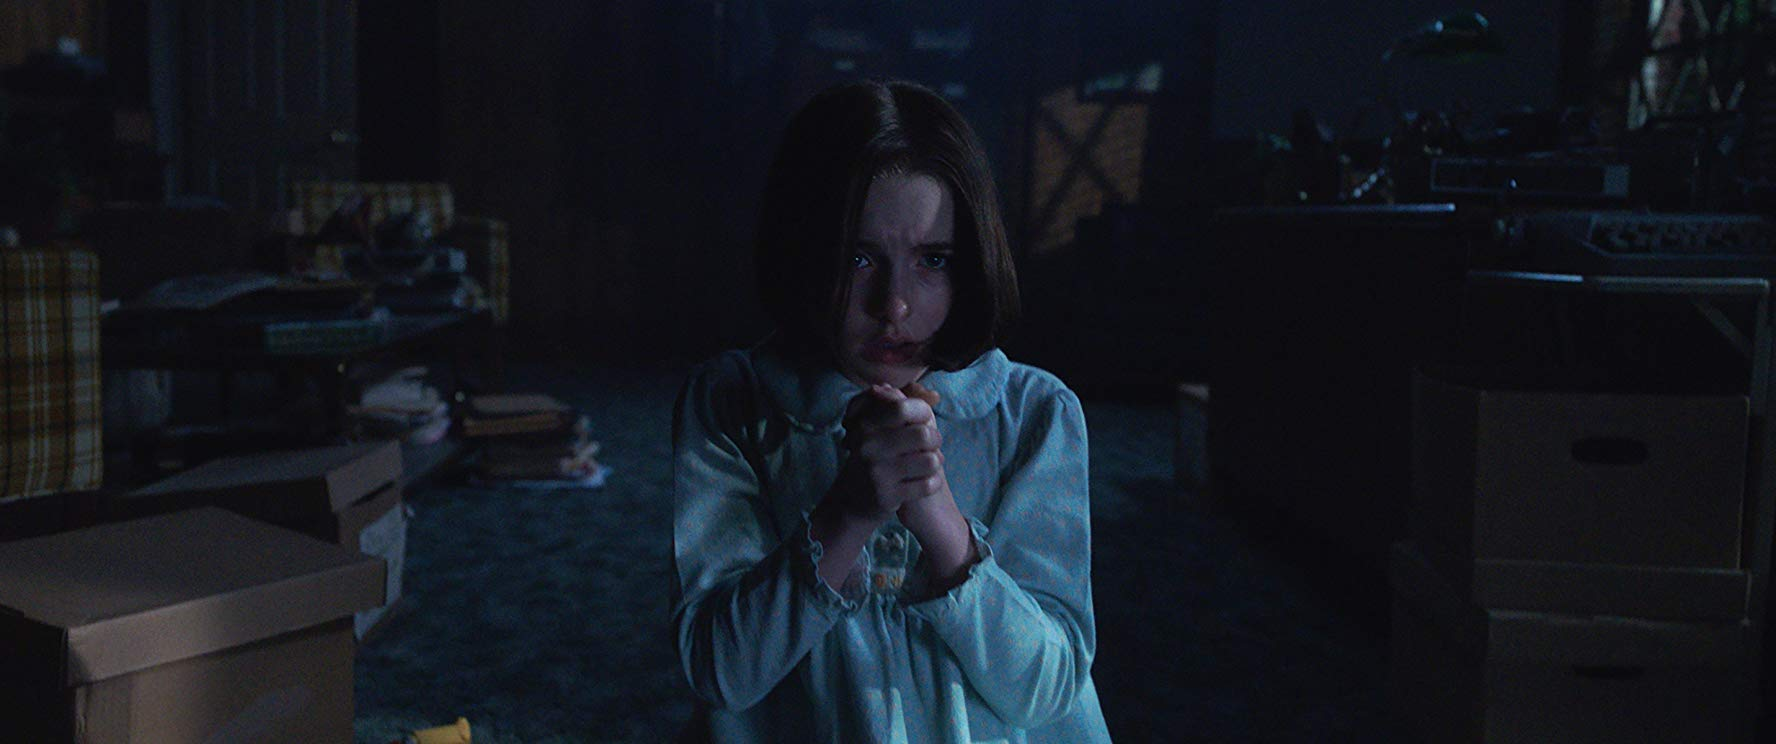 REVIEW Annabelle: Ác Quỷ Trở Về (Annabelle Comes Home) - Hình 5